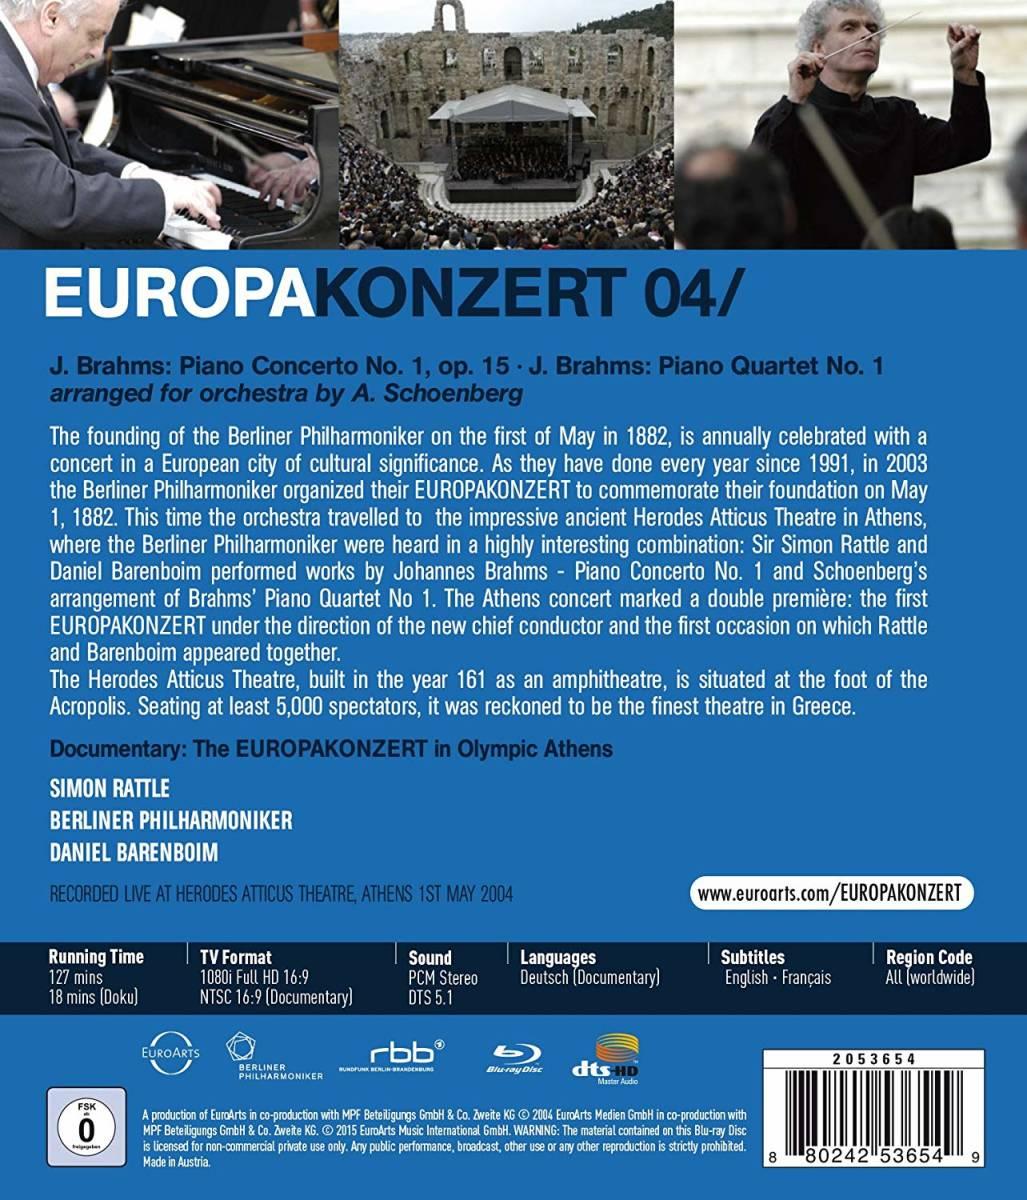 ラトル/ベルリン・フィル ヨーロッパ・コンサート2004 ブルーレイ新品_画像2